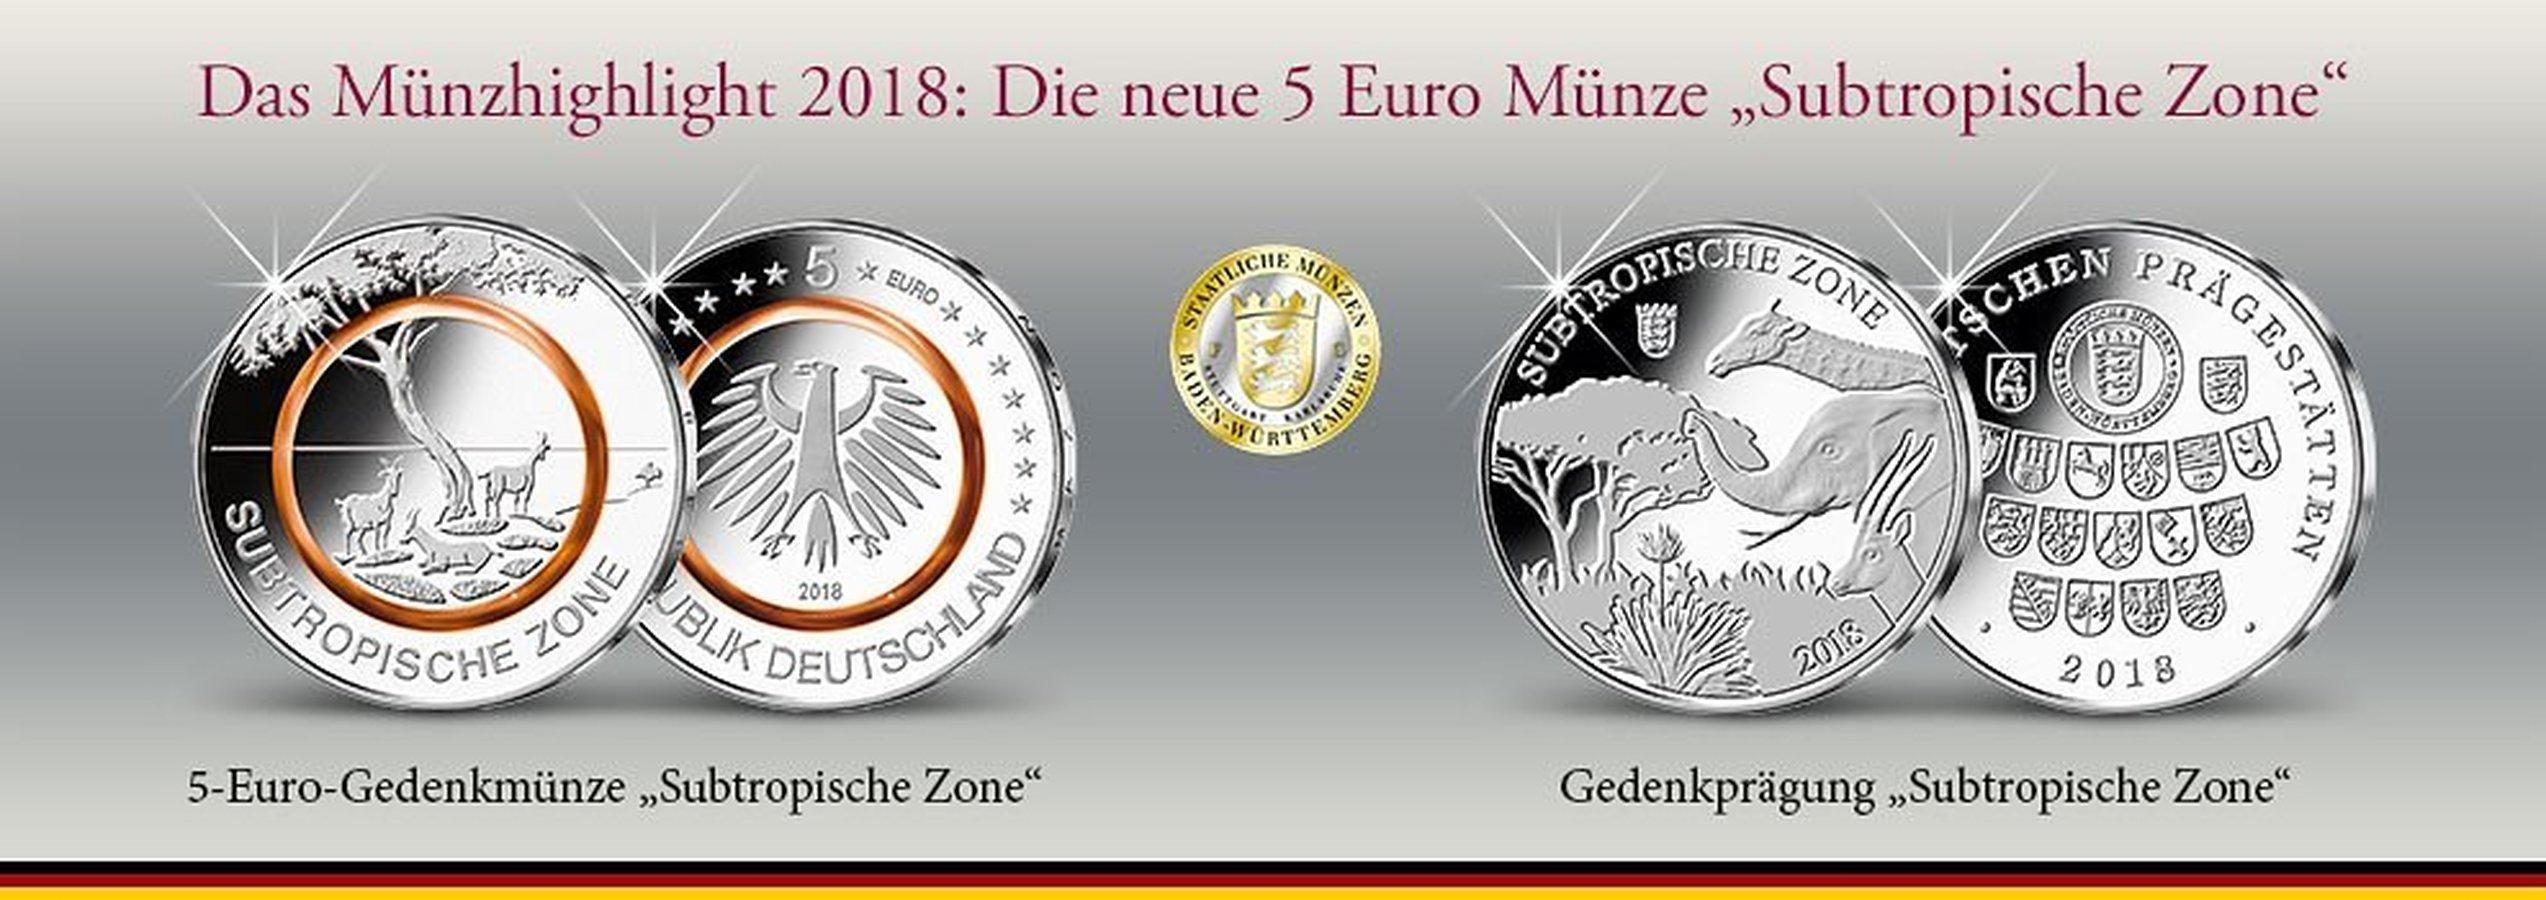 Deutscher Sammlerclub Für Münzen Mdm Deutsche Münze Mdm Deutsche